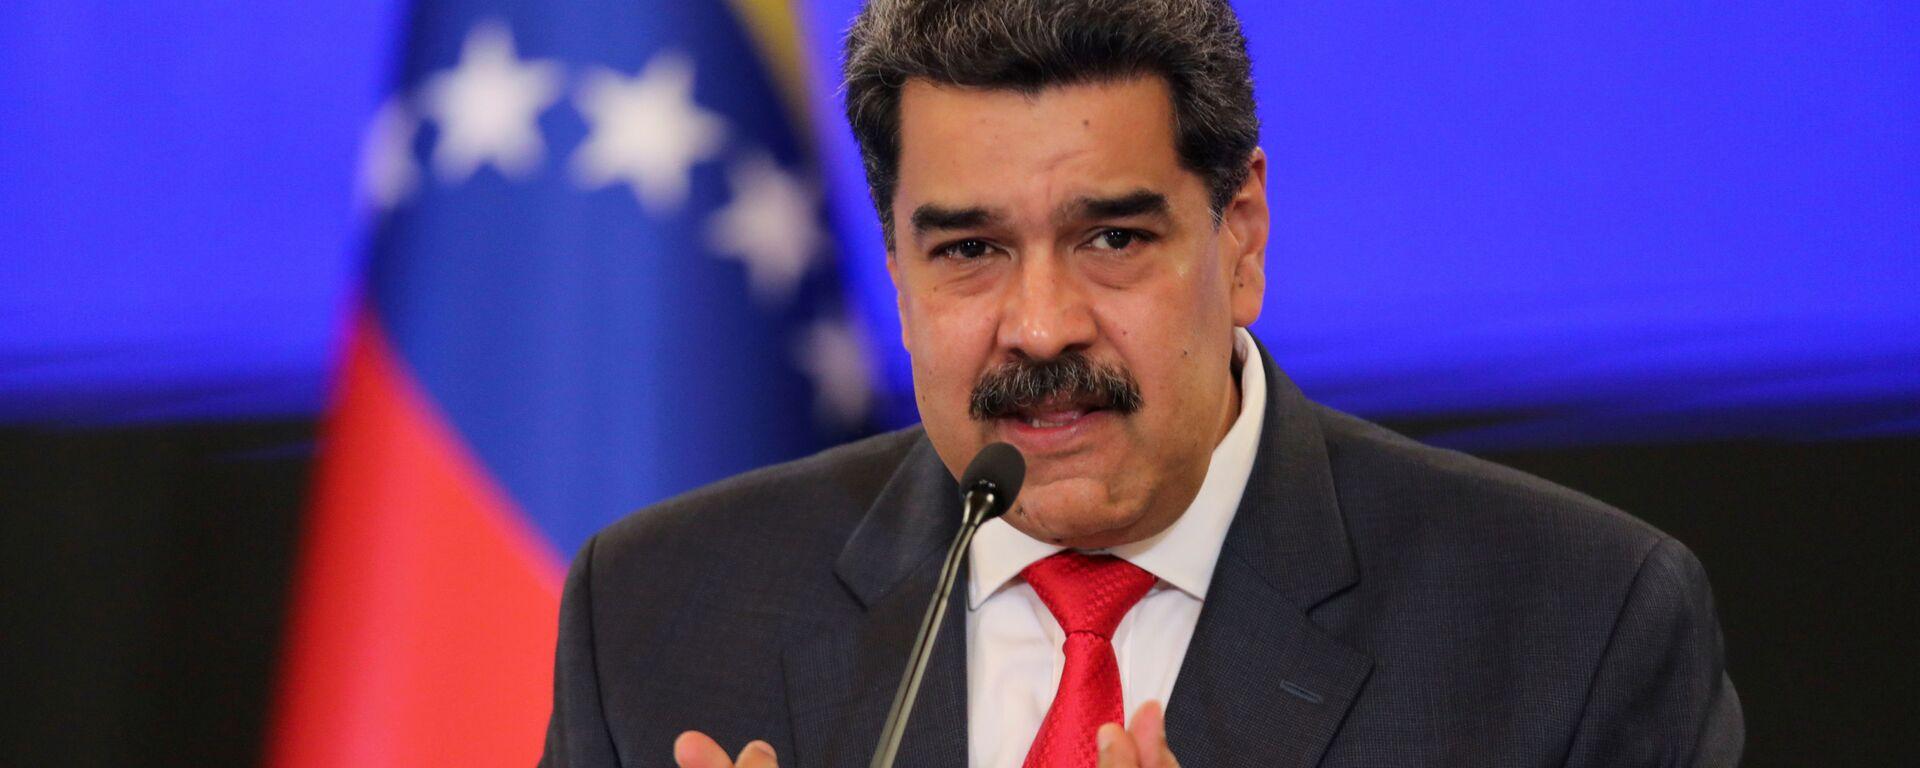 Nicolás Maduro, presidente de Venezuela - Sputnik Mundo, 1920, 15.03.2021